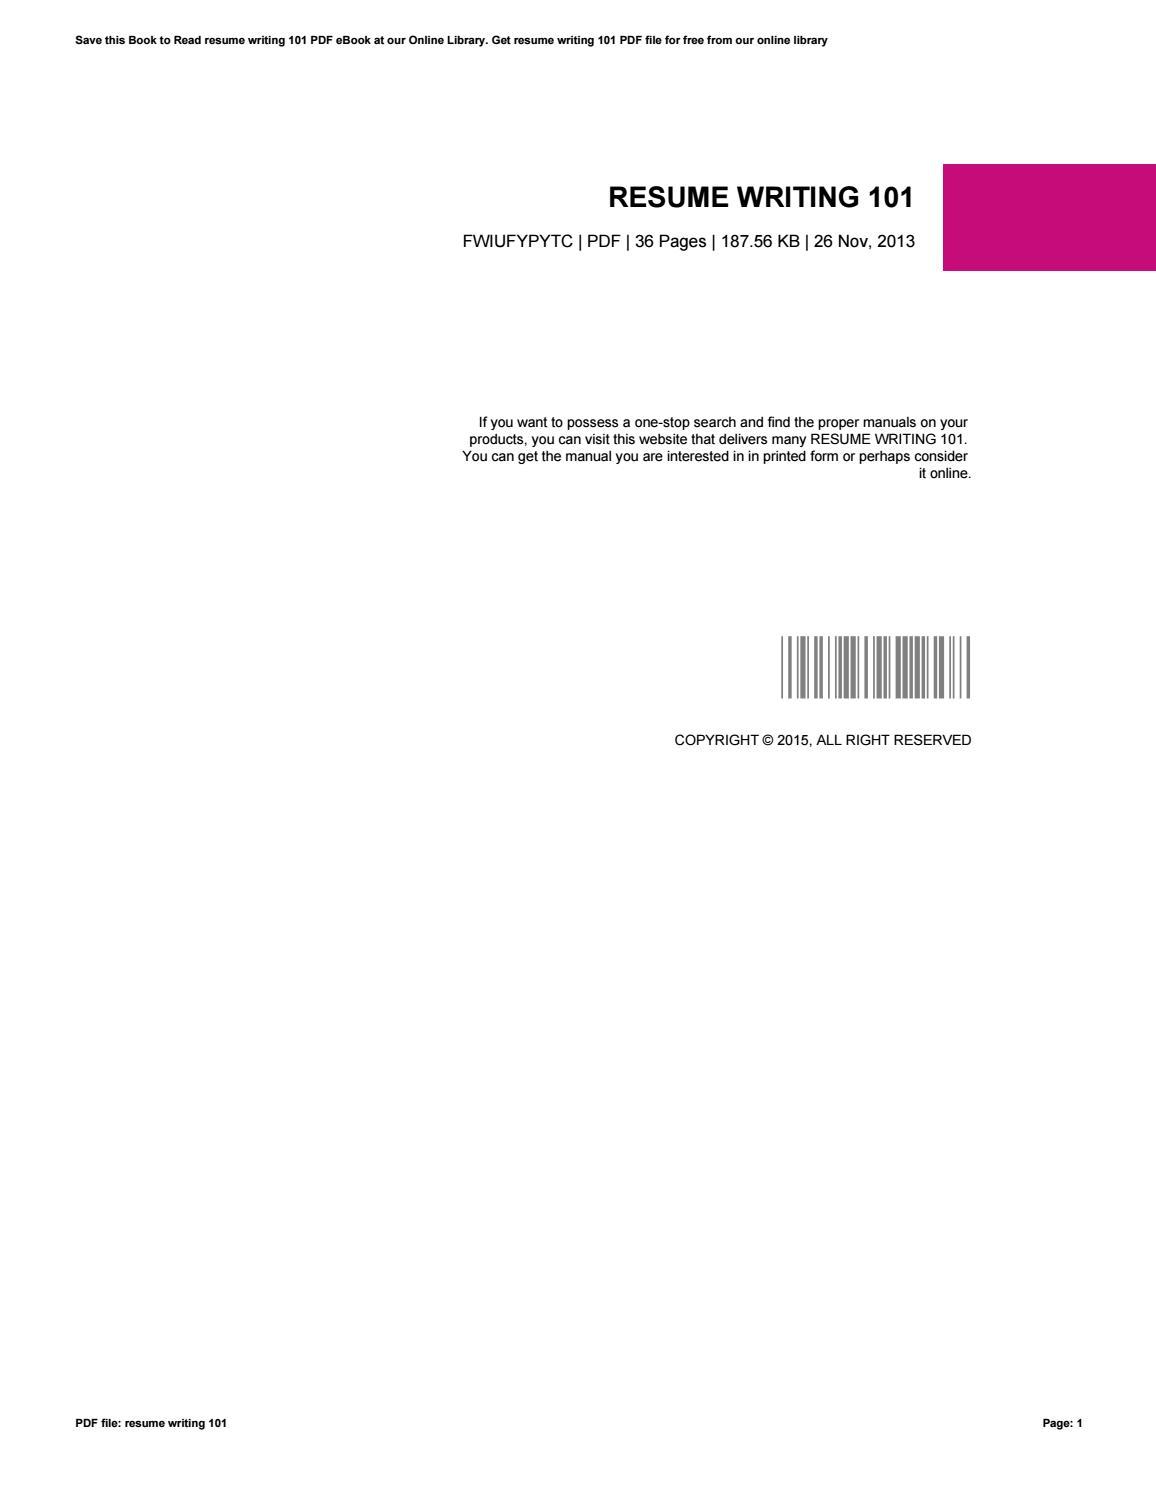 Resume Writing 101 By U565 Issuu